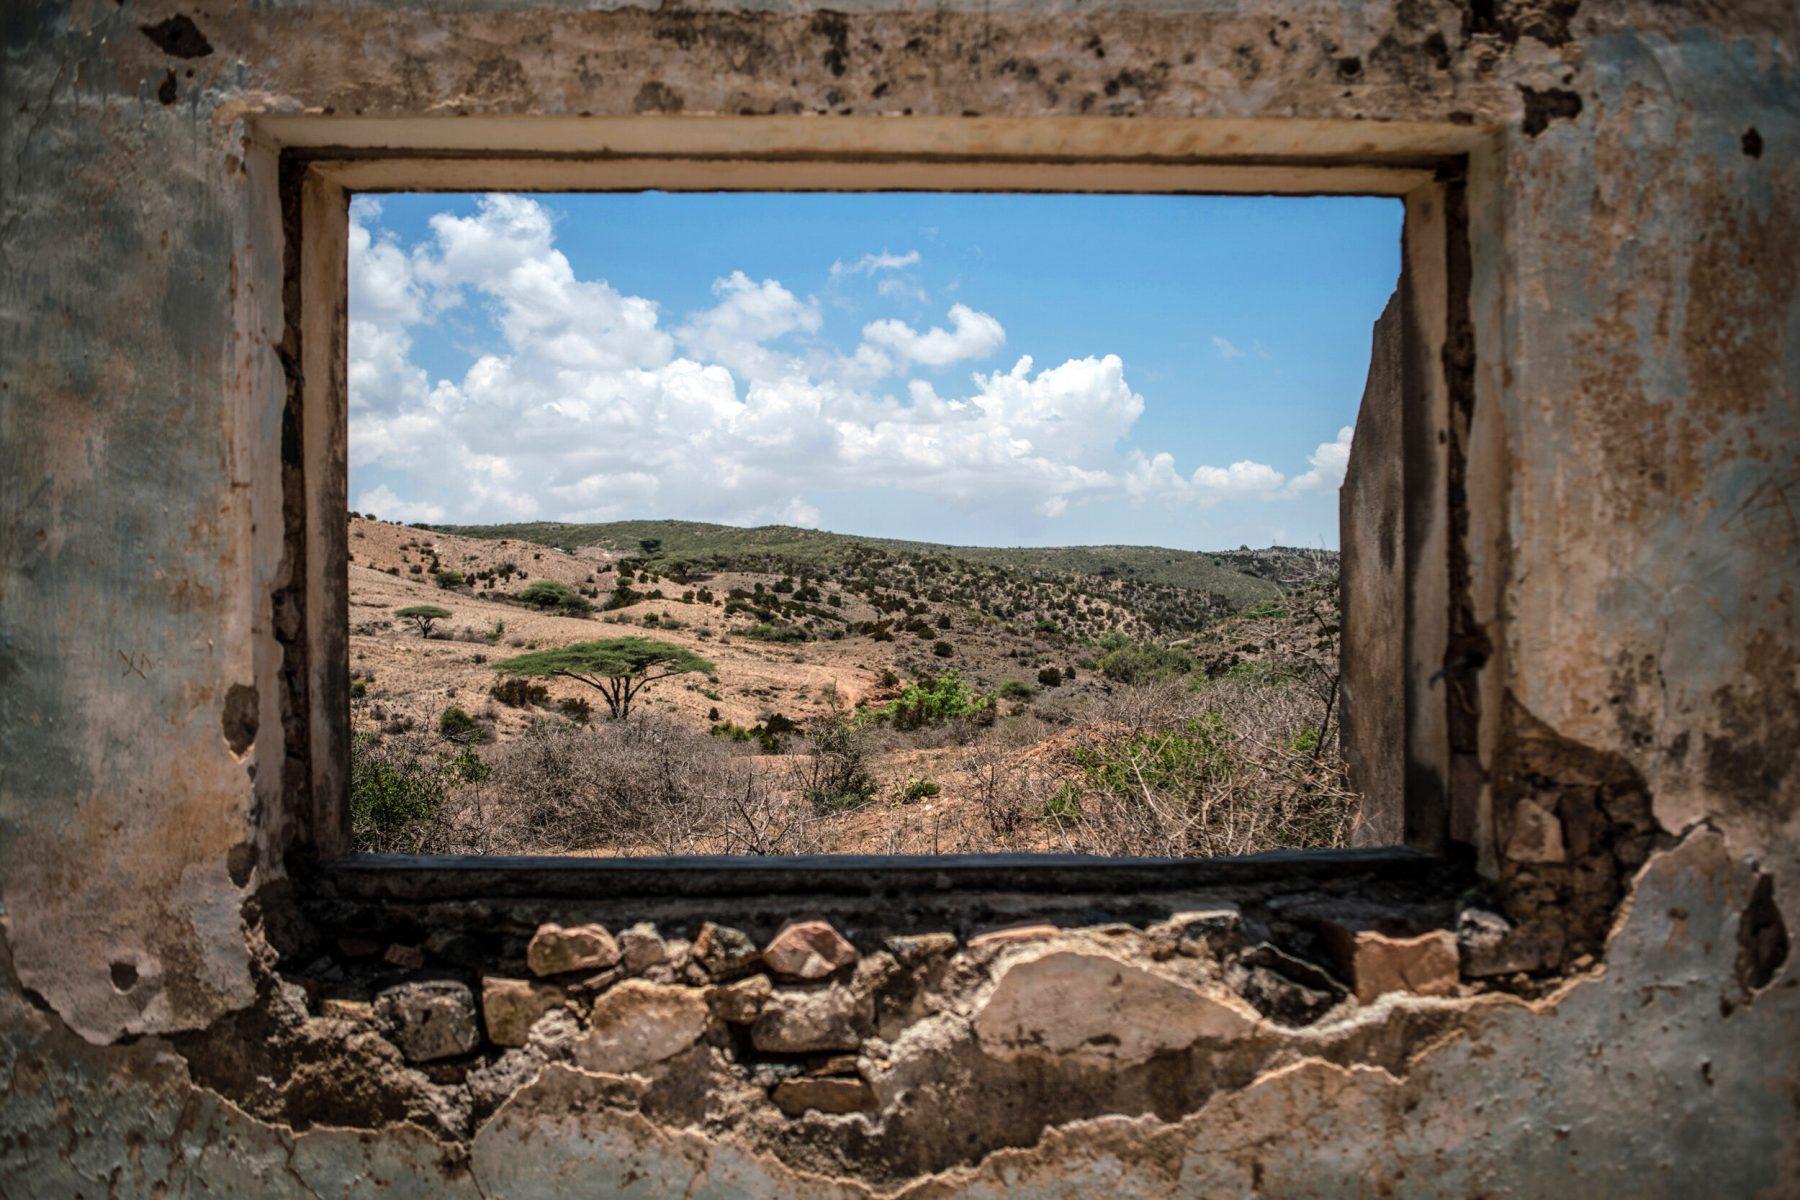 Photographie de paysage couleur de la Somalie par Nichole Sobecki